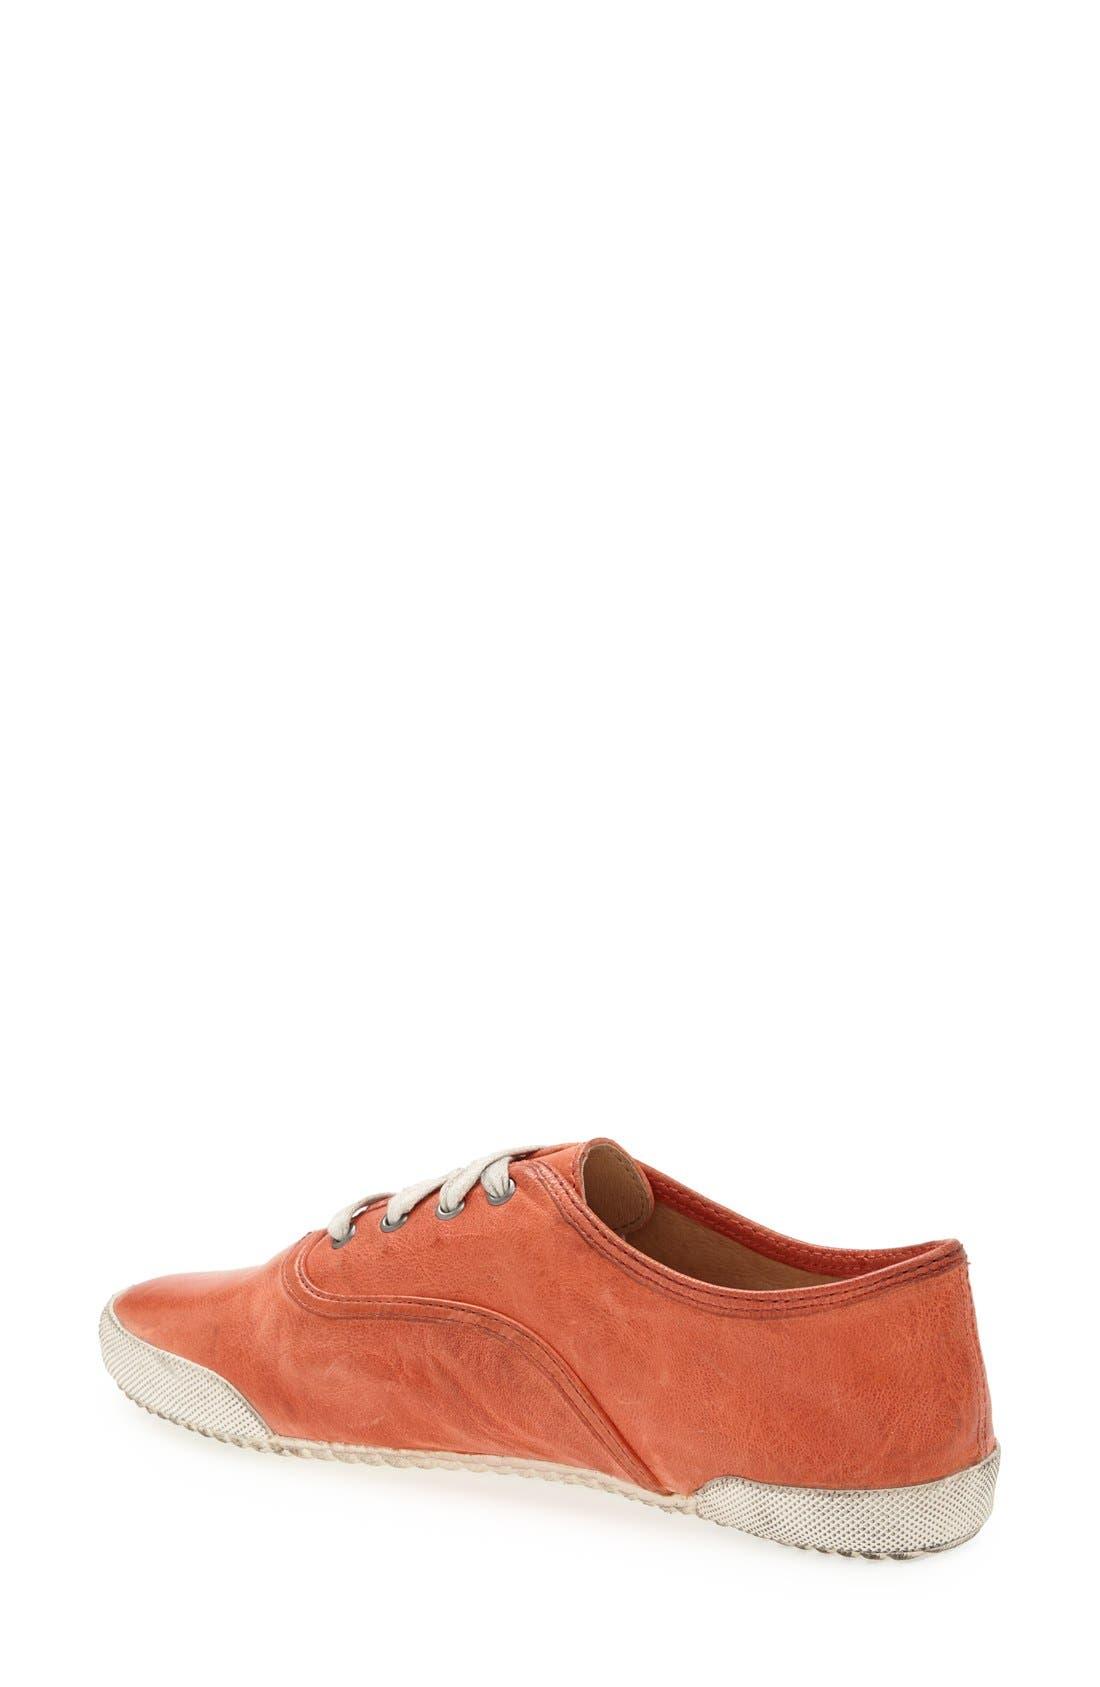 Alternate Image 2  - Frye 'Melanie' Leather Sneaker (Women)